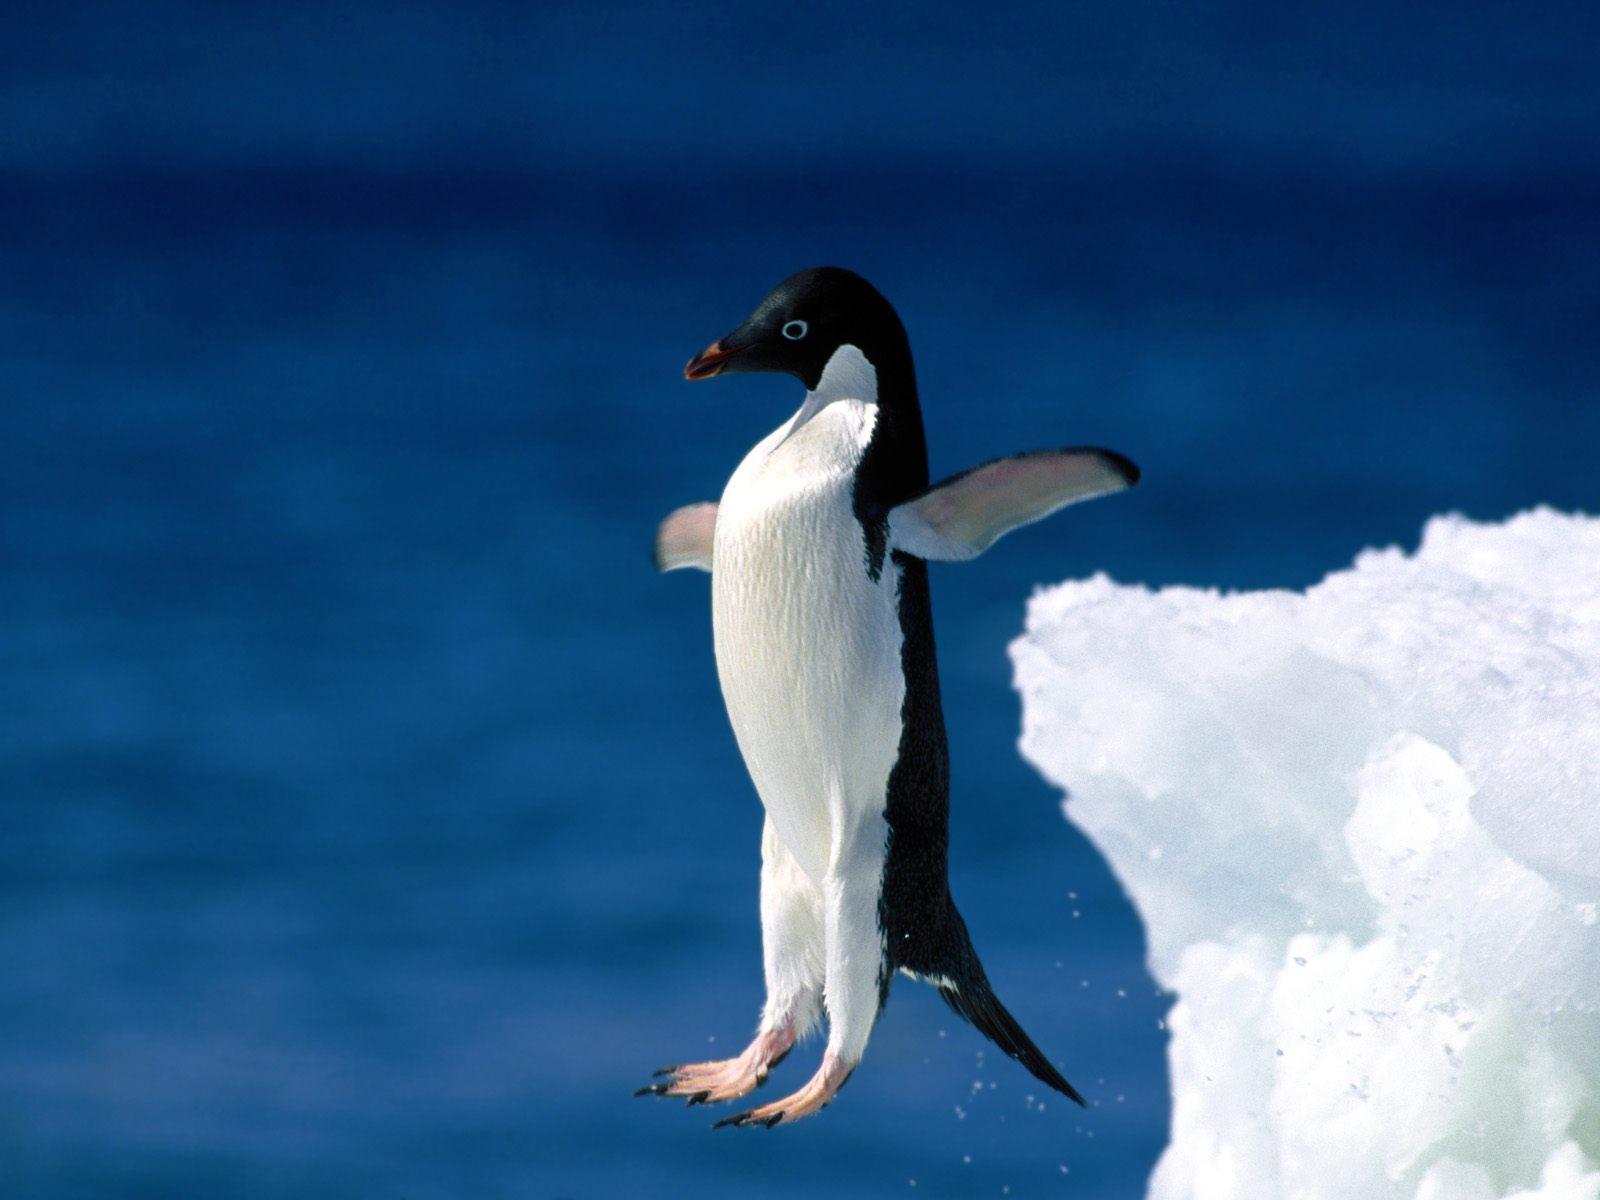 معلومات عن طائر البطريق الذى لا يستطيع الطيران لكنه سباح ماهر